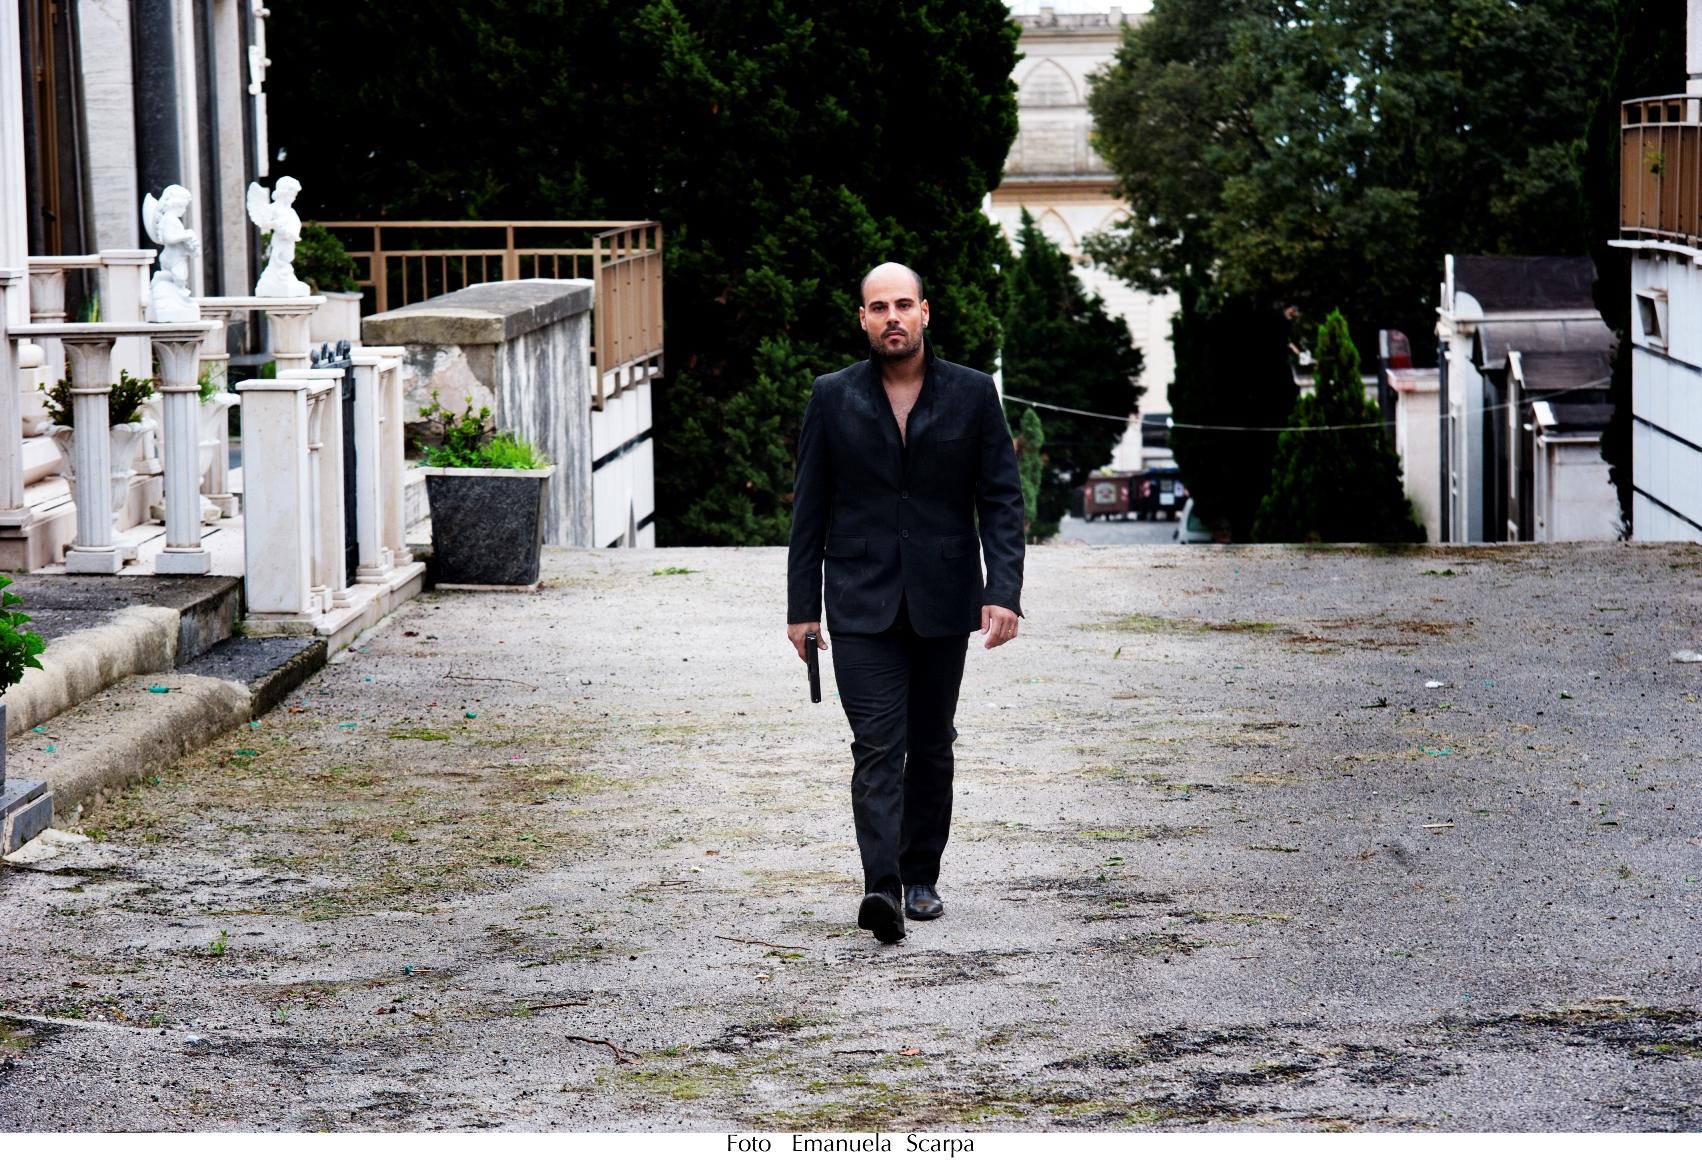 Marco D'Amore negli ultimi due episodi di Gomorra 2